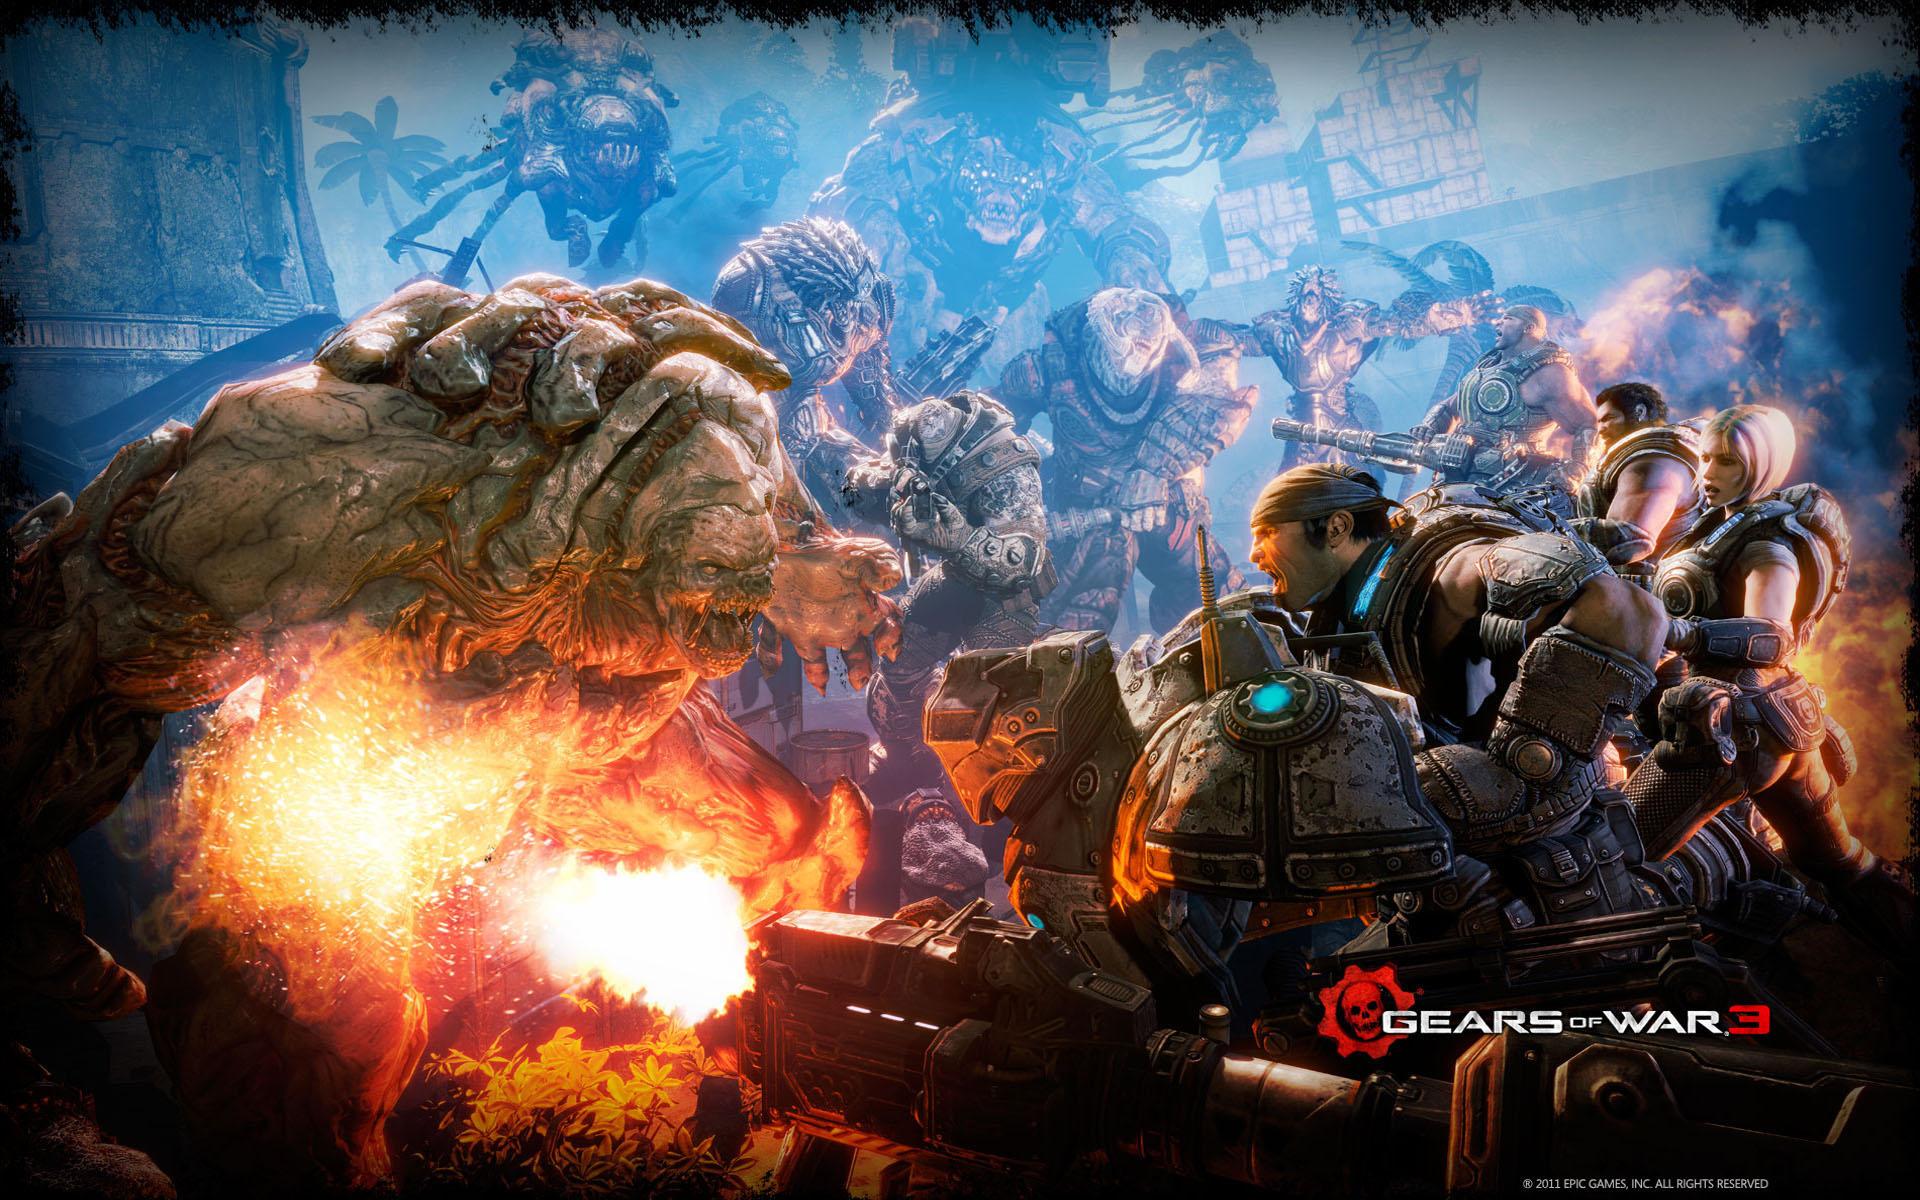 Gears Of War Battle Hd Wallpaper